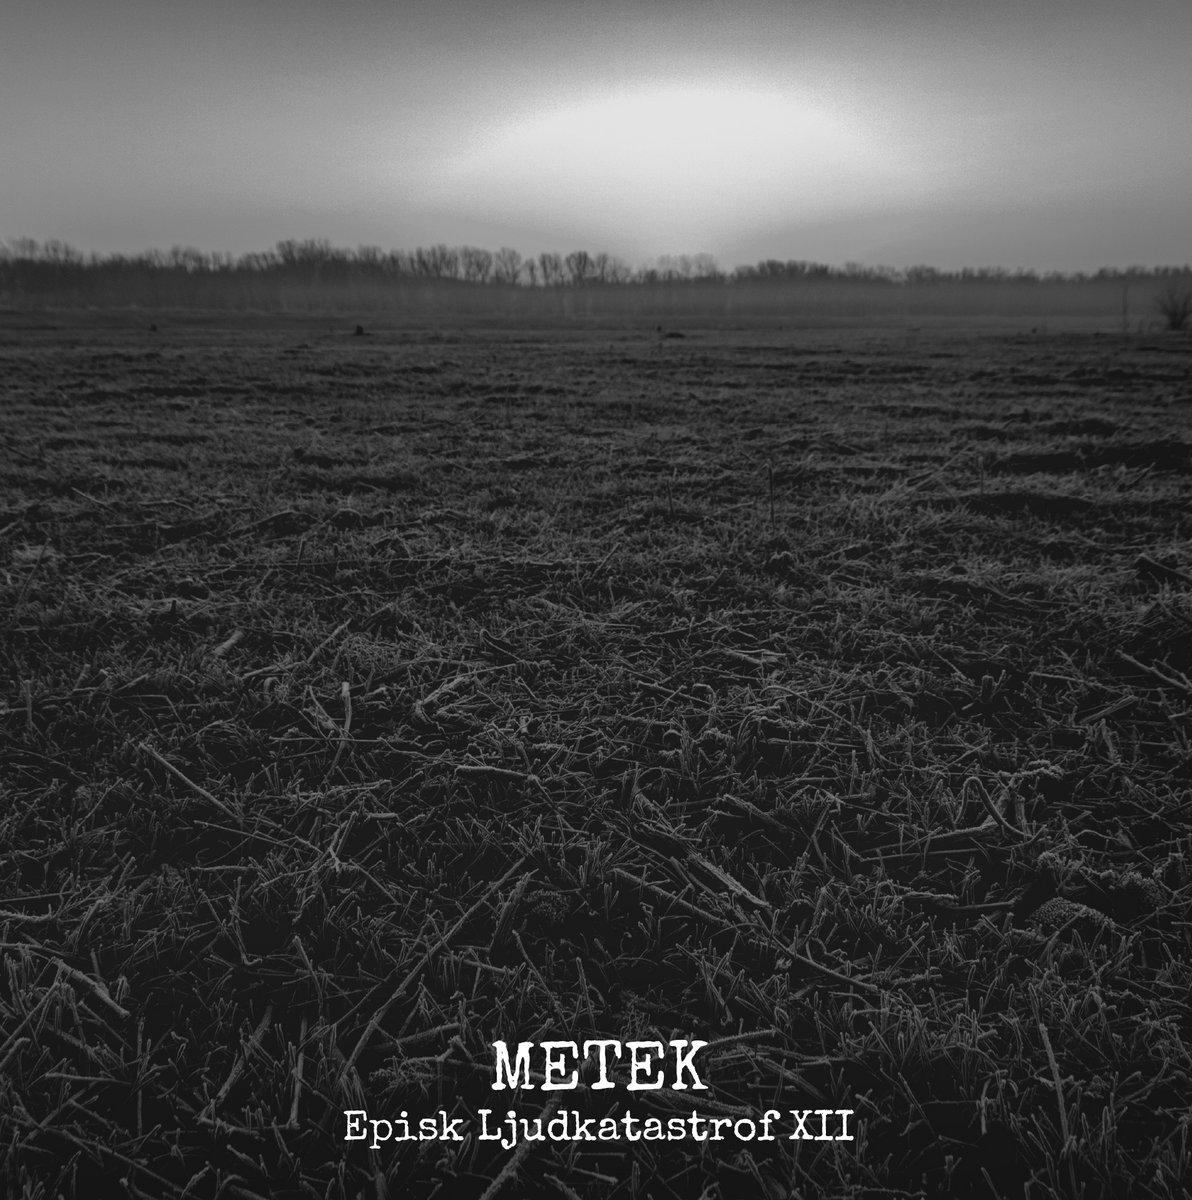 METEK A3816998899_10